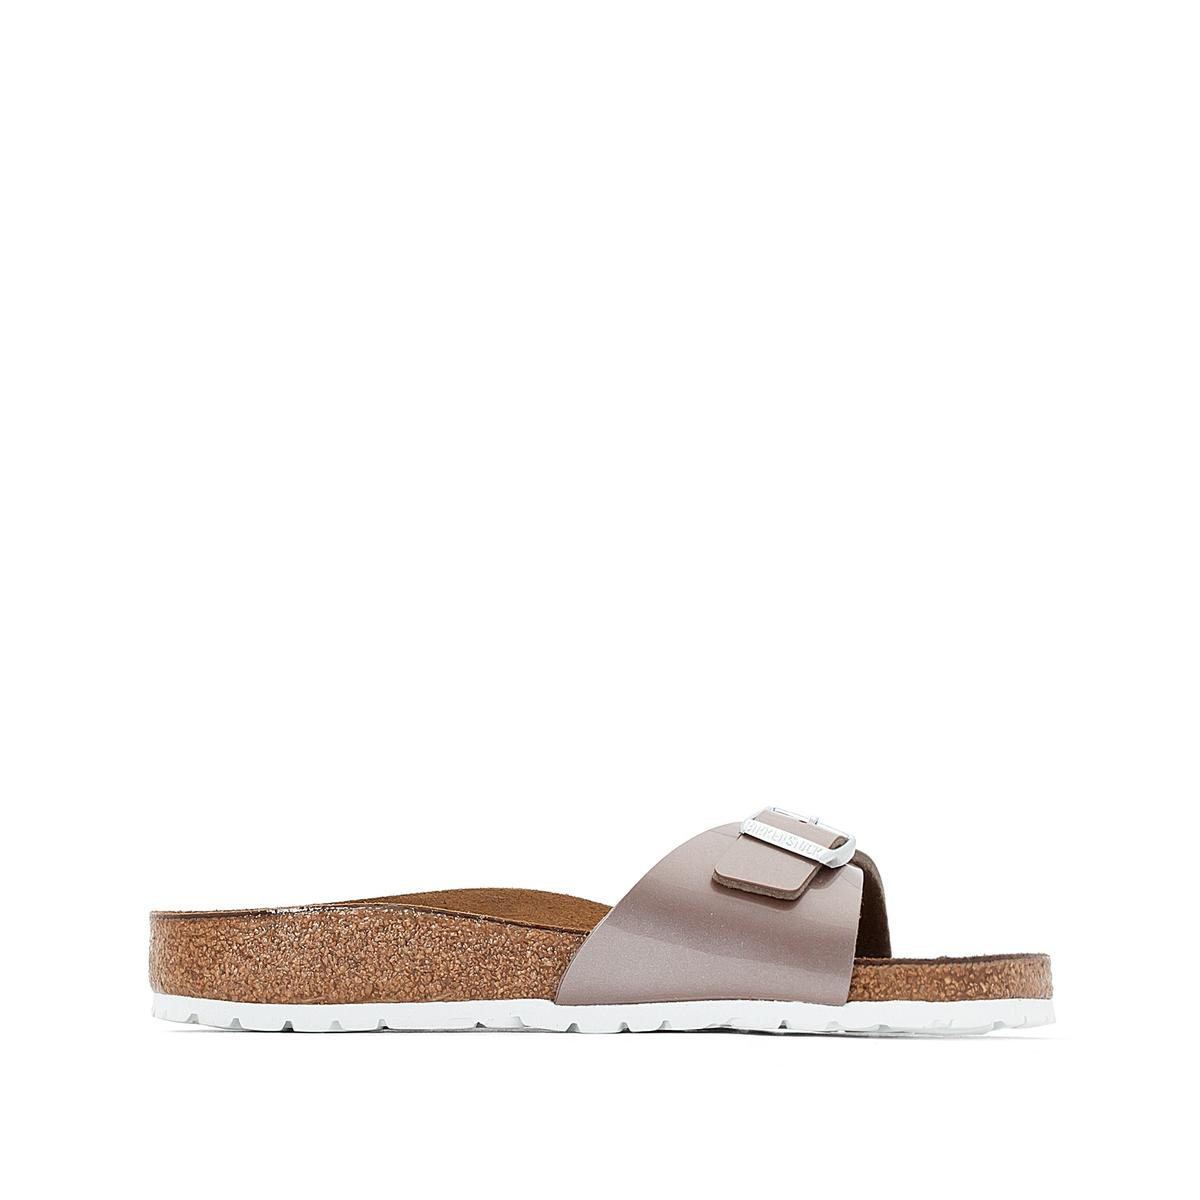 Туфли без задника MADRIDВерх : синтетический материал (Birko-Flor)                 Подкладка : фетр               Стелька : велюровая кожа               Подошва : ЭВА               Застежка : без застежки<br><br>Цвет: серо-коричневый лак